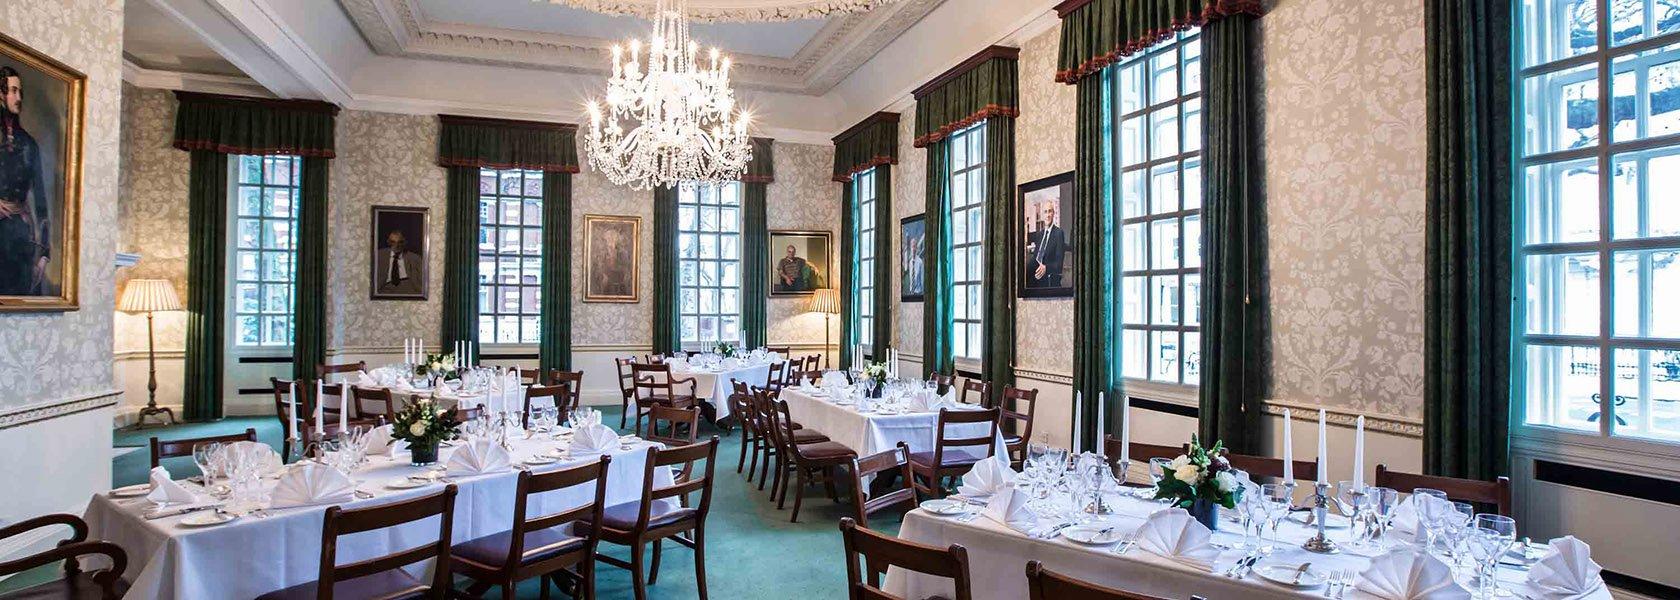 Venue hire in South Kensington